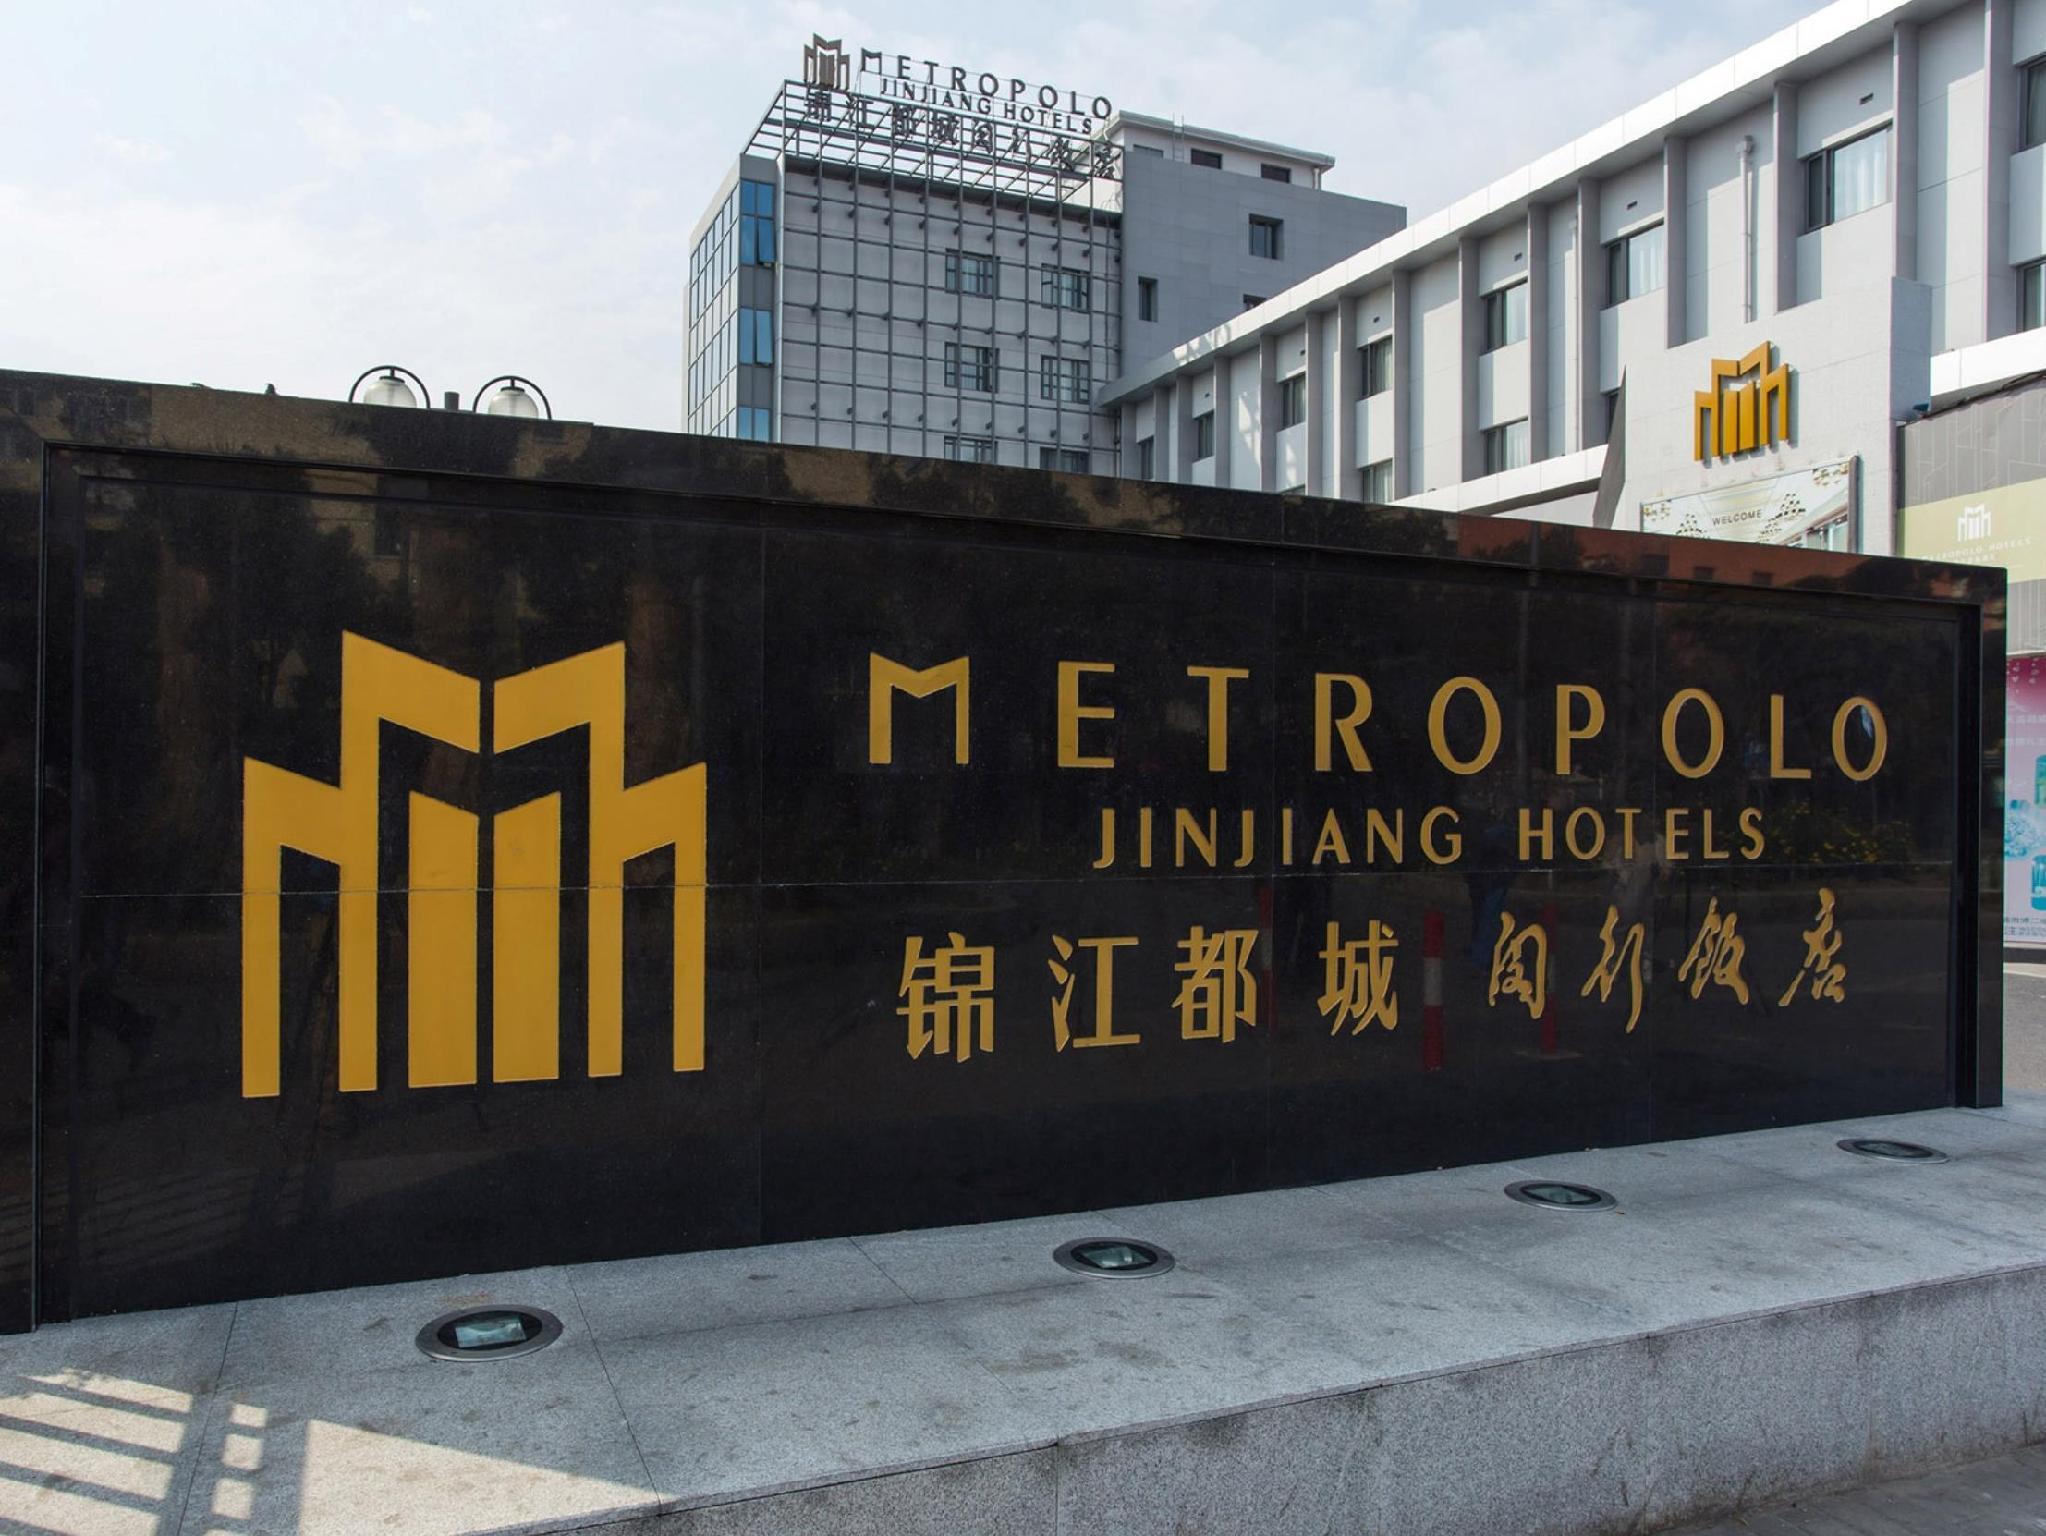 Jinjiang Metropolo Hotel-Minhang